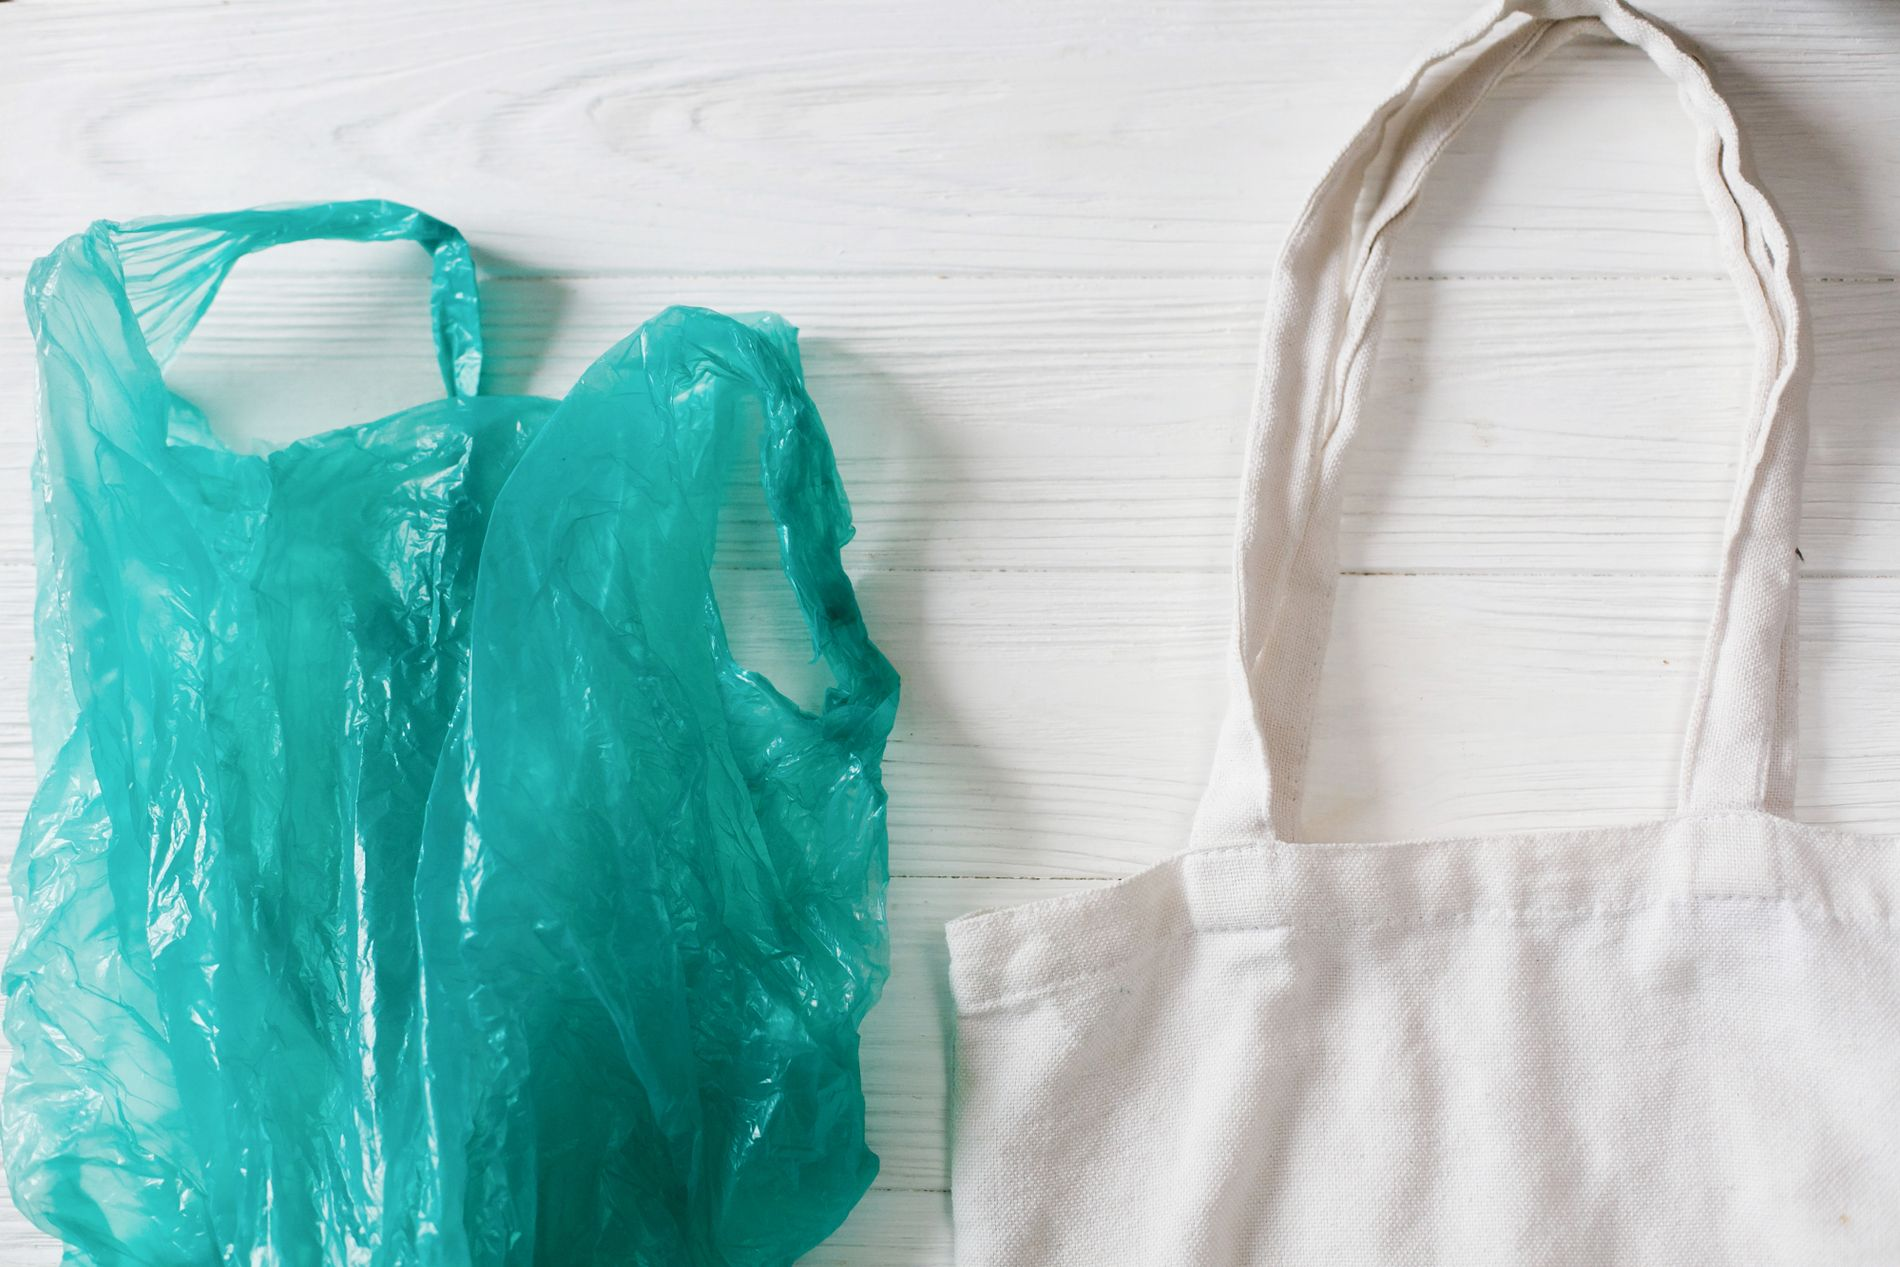 MILJØVENNLIG: I Italia så jeg ikke én plastpose i butikkene. Folk brukte heller medbrakte nett, eller kjøpte bioplastposer, skriver Solbjørg Skjønhaug Sviland.